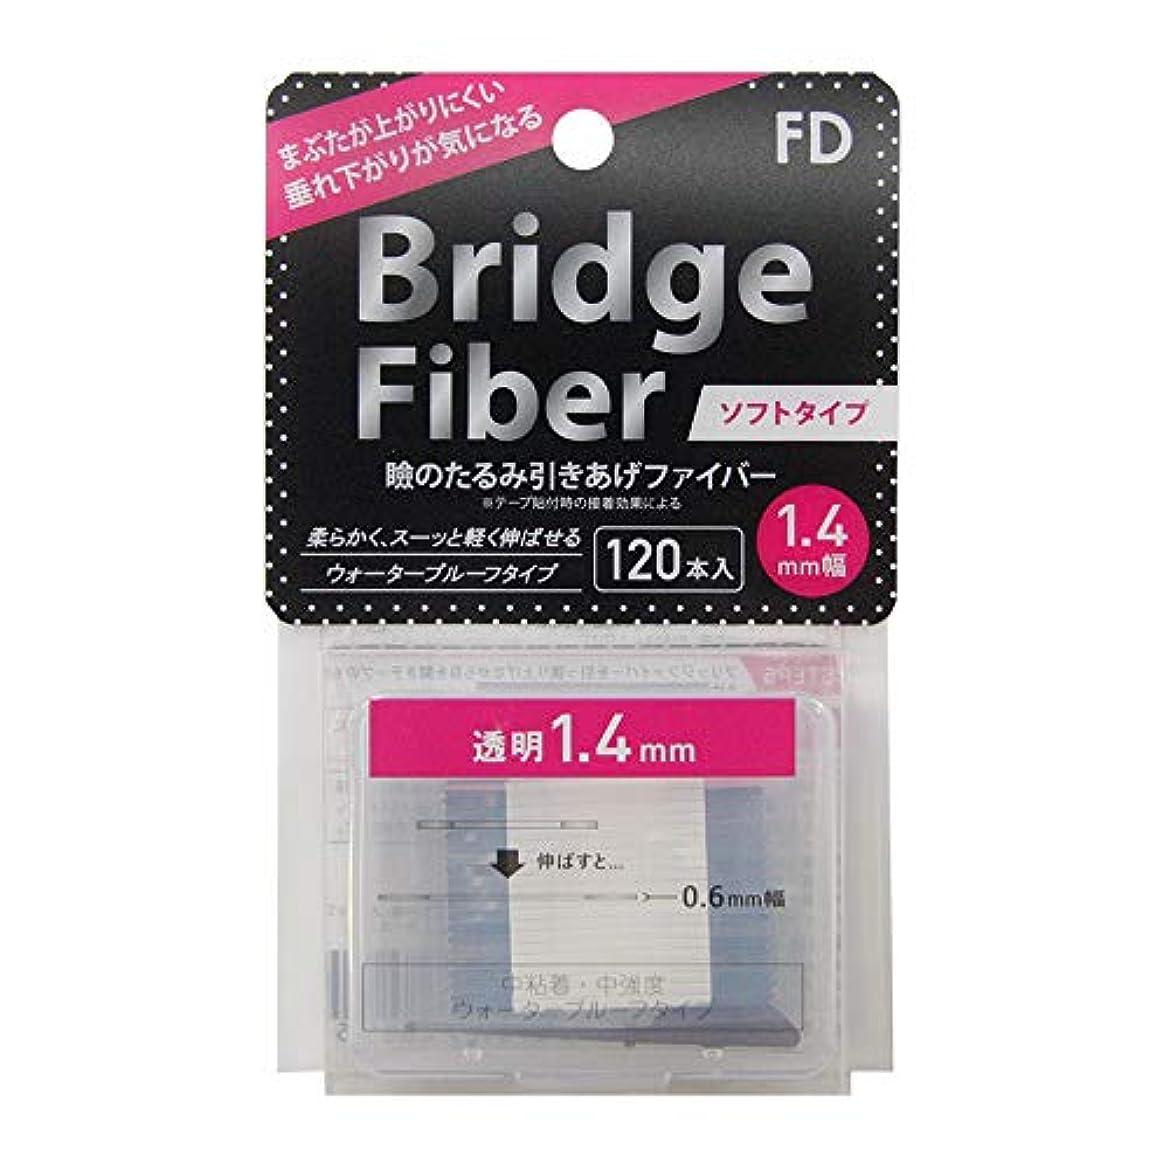 不当王室非常にFD ブリッジソフトファイバー 眼瞼下垂防止テープ ソフトタイプ 透明1.4mm幅 120本入り